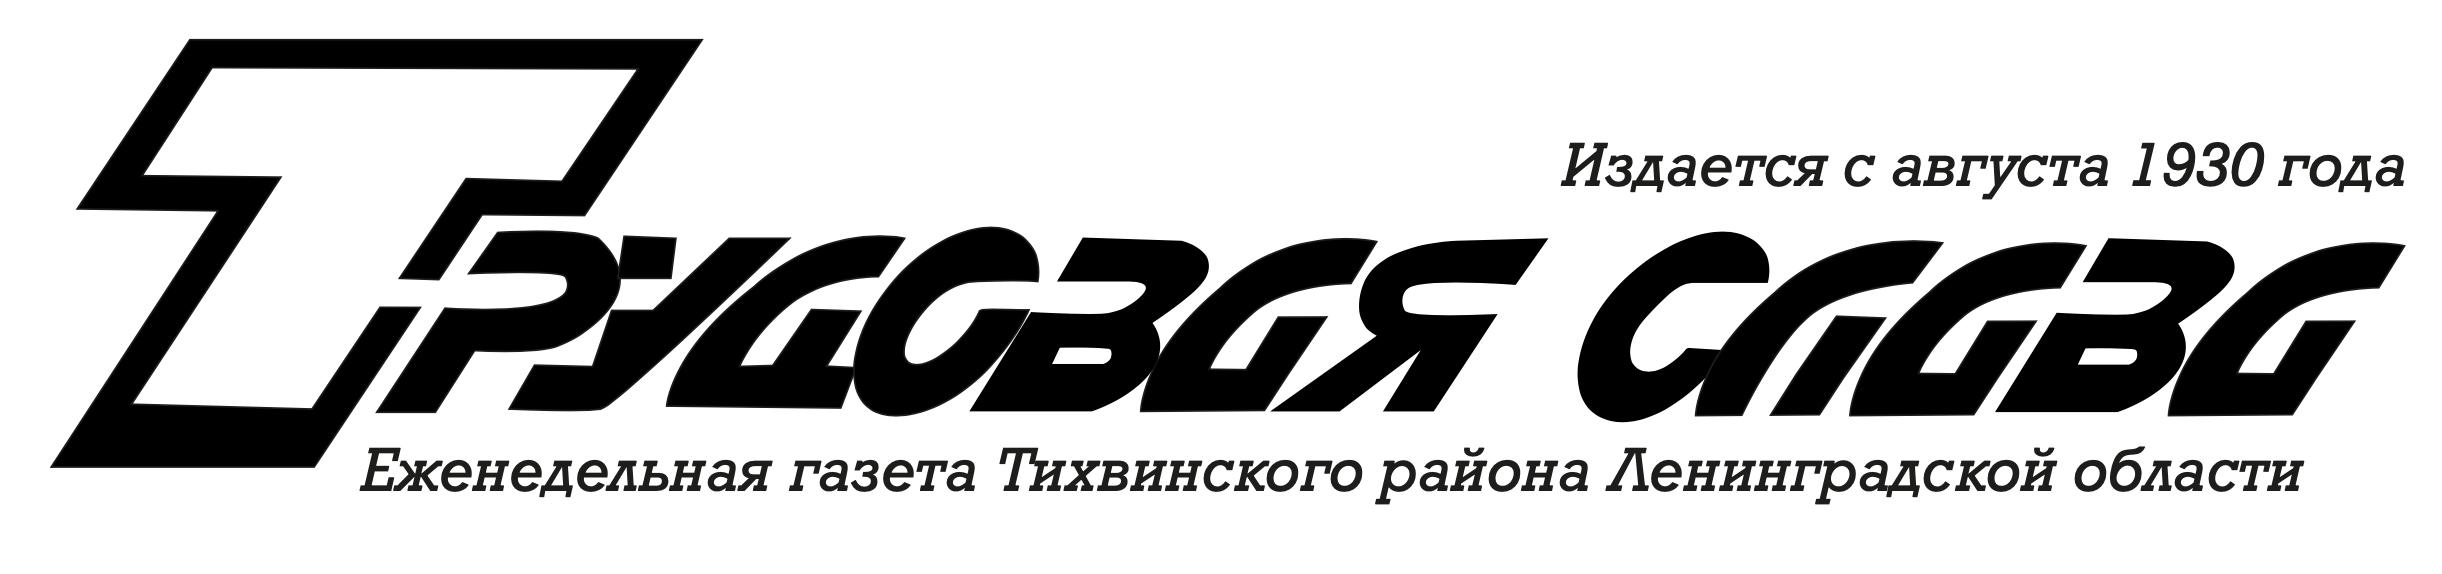 """Газета """"Трудовая слава"""""""